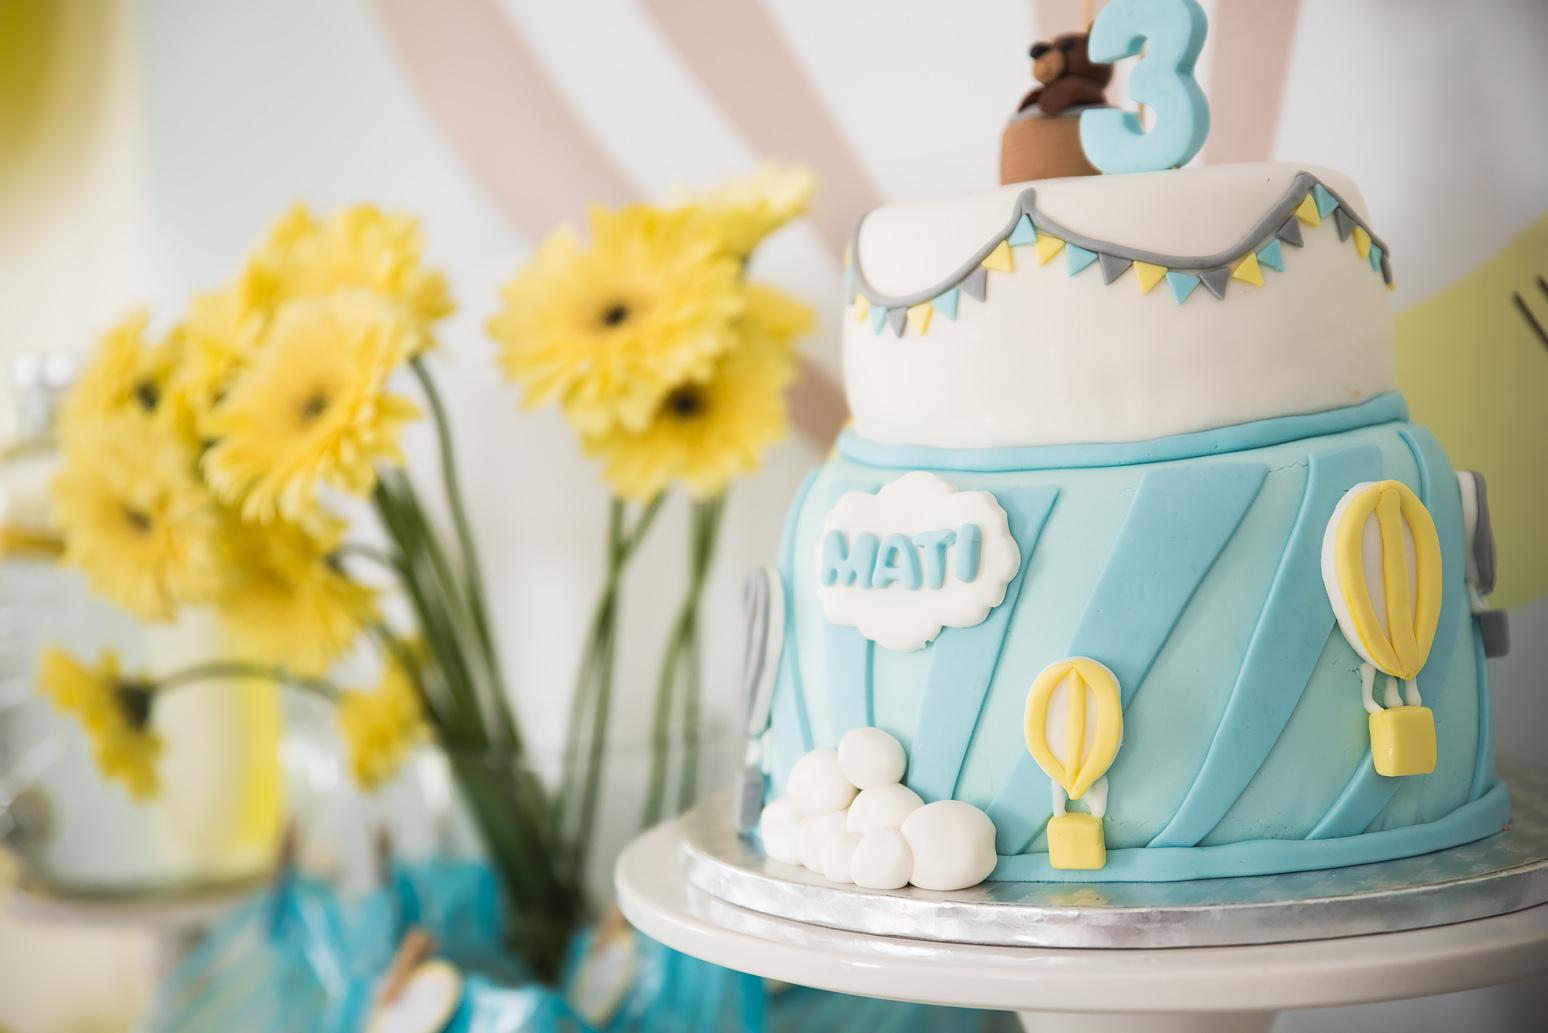 tort z girlanda